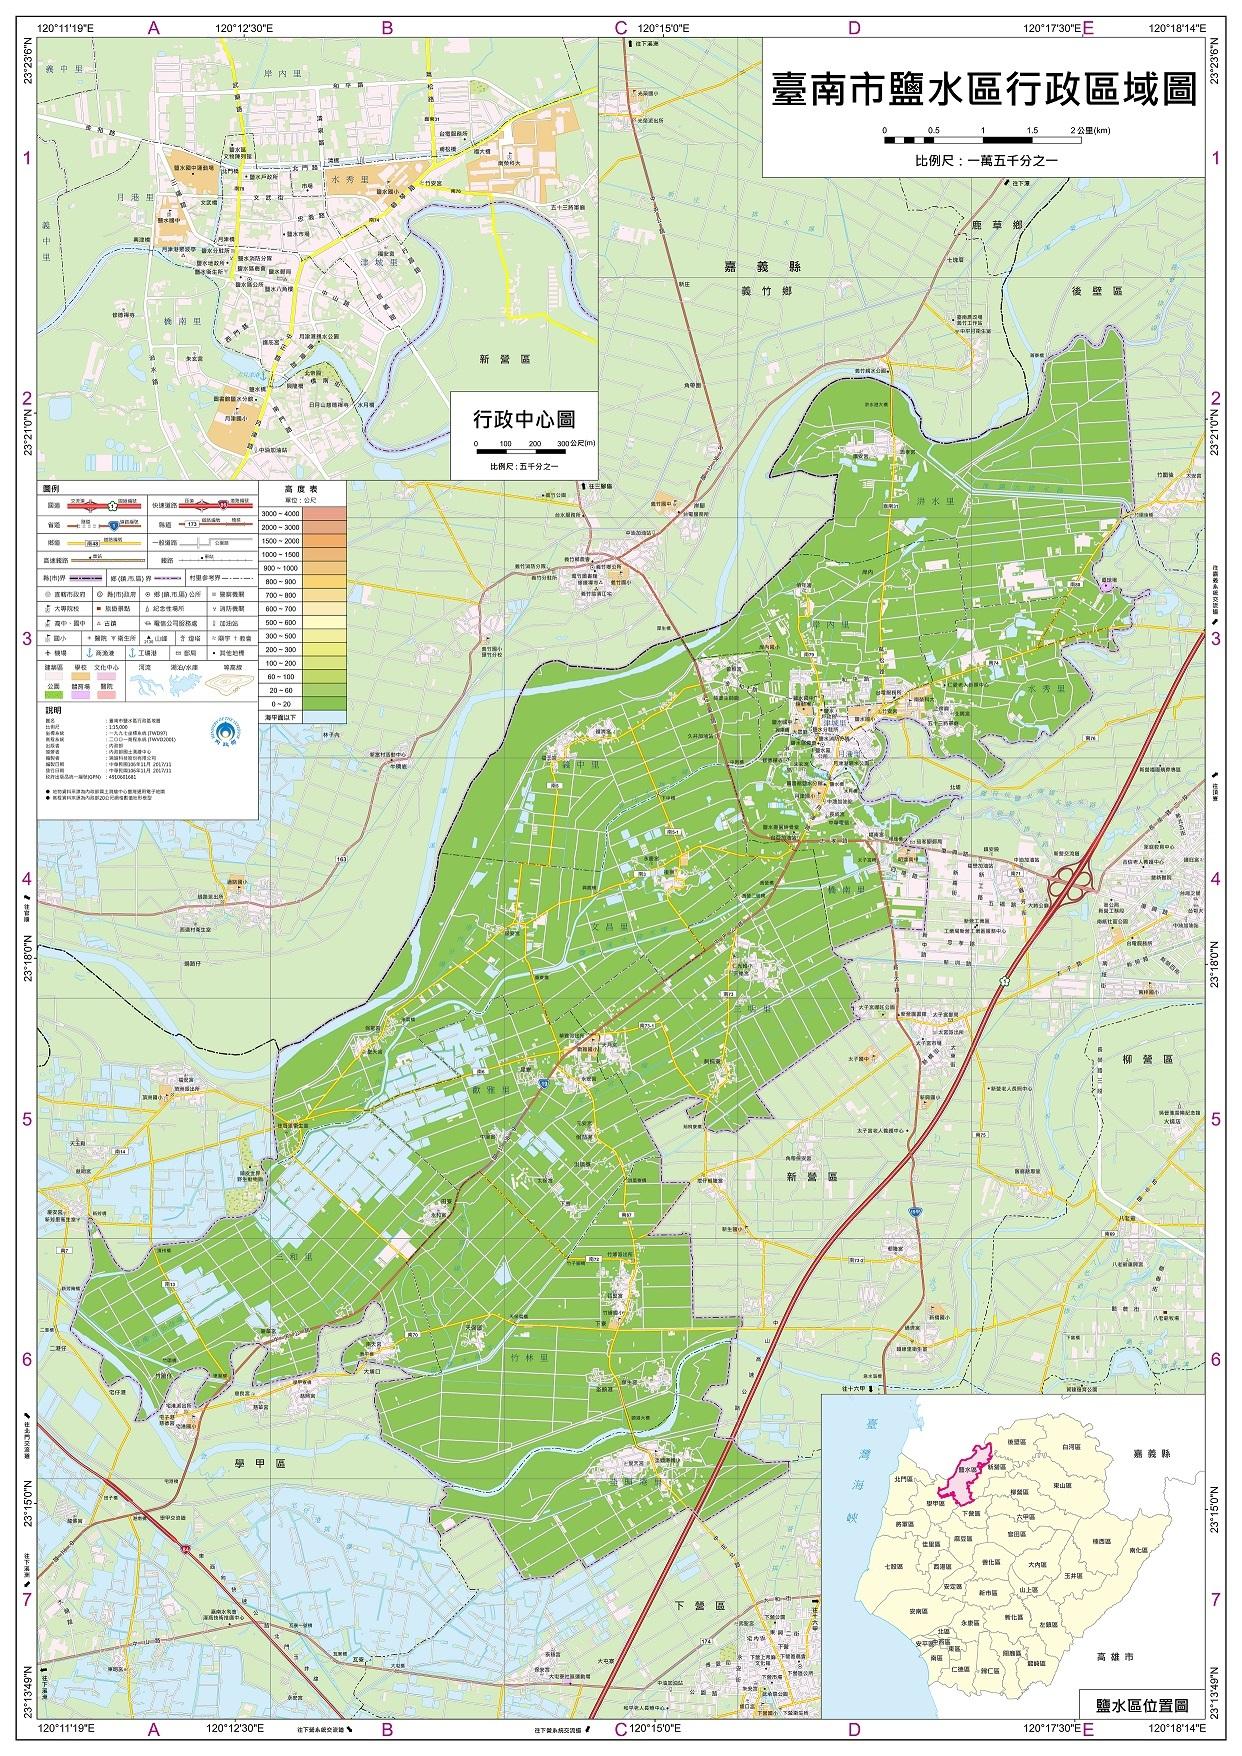 位於中華民國臺南市西北部,屬於大新營生活圈的範圍,與新營為雙子城,有豐富的人文及民間習俗文化。